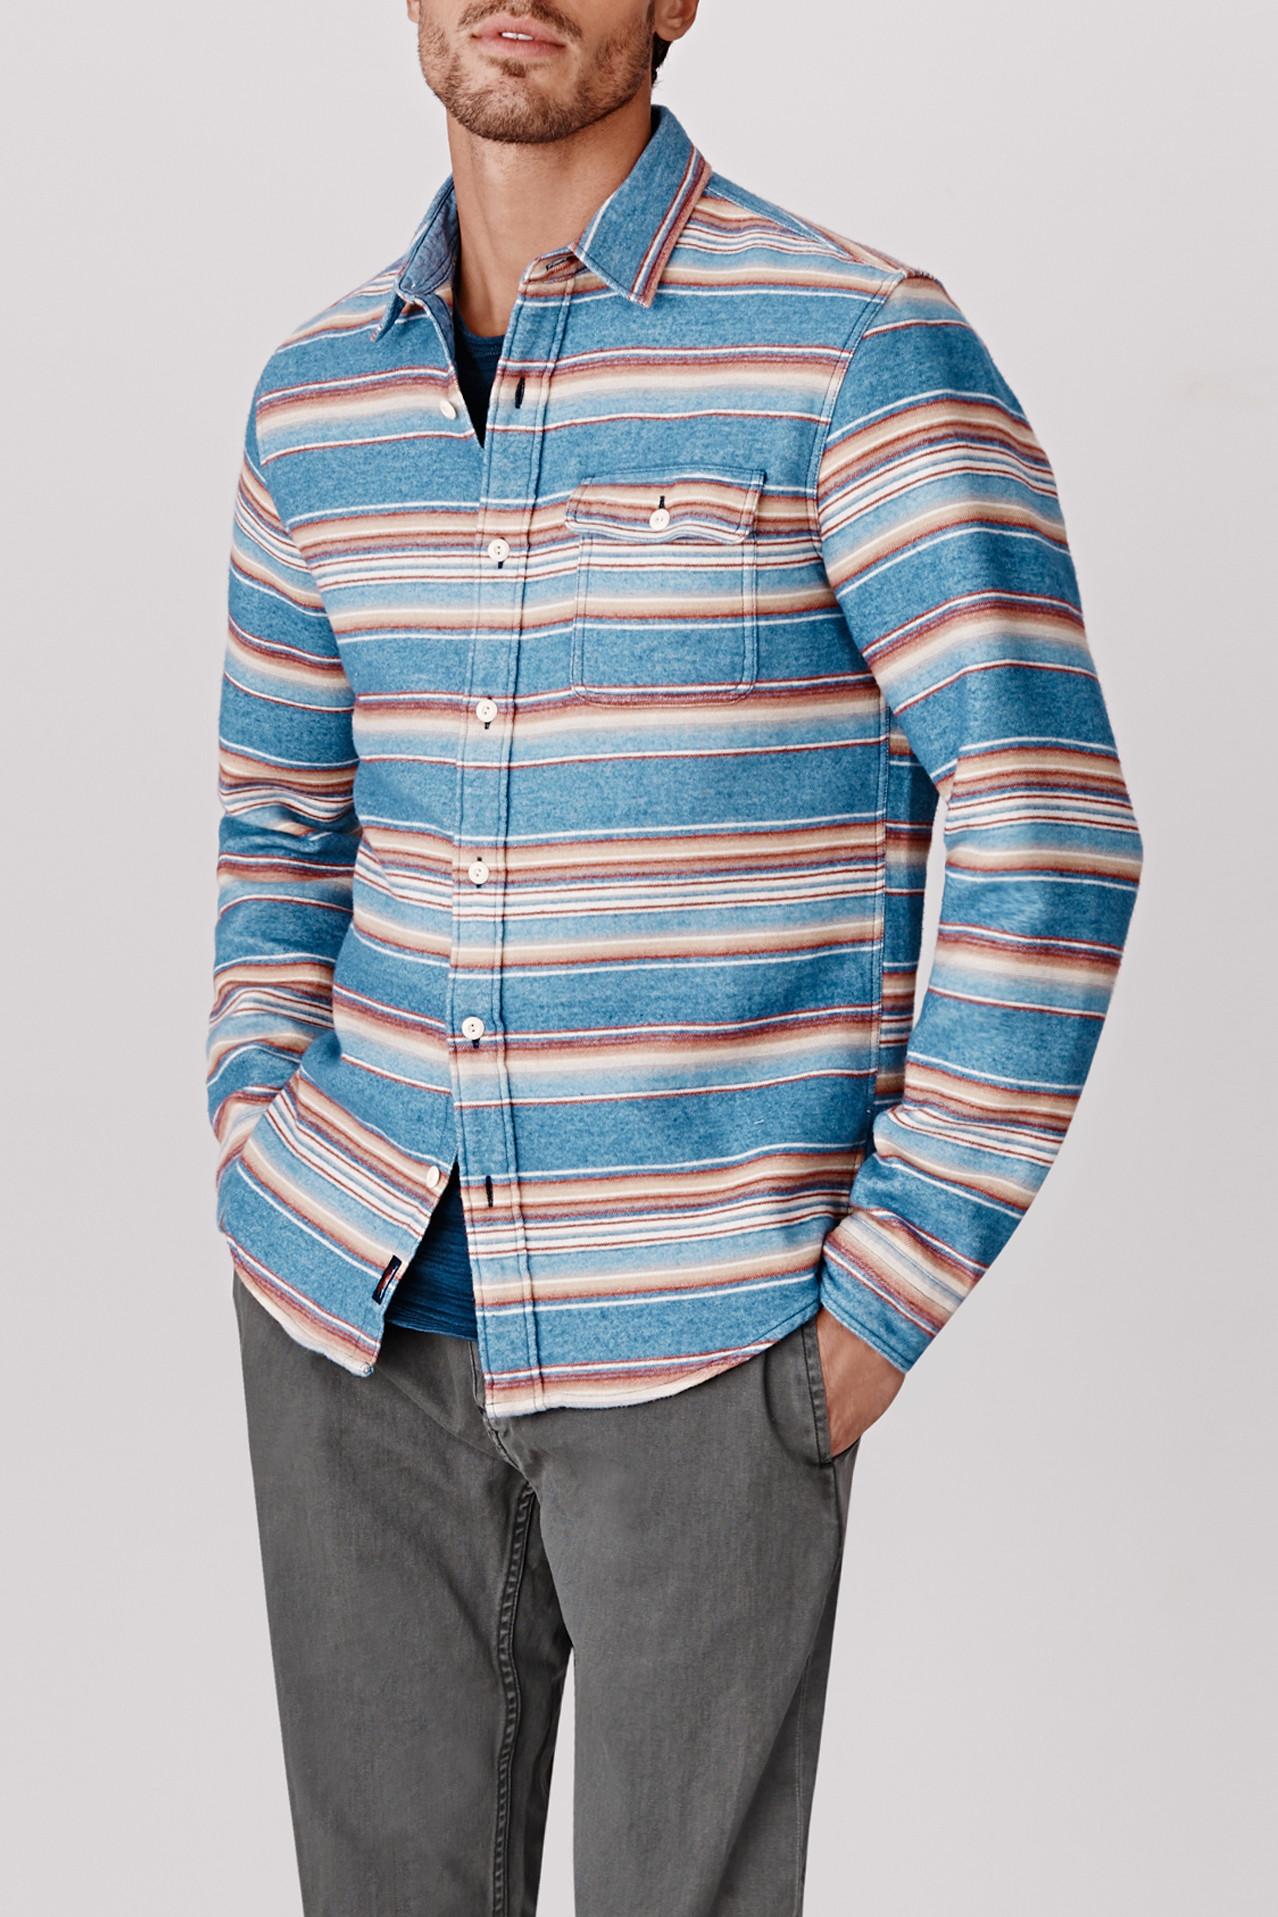 Faherty Brand Belmar Workshirt in lt Indigo Orange (Blue) for Men